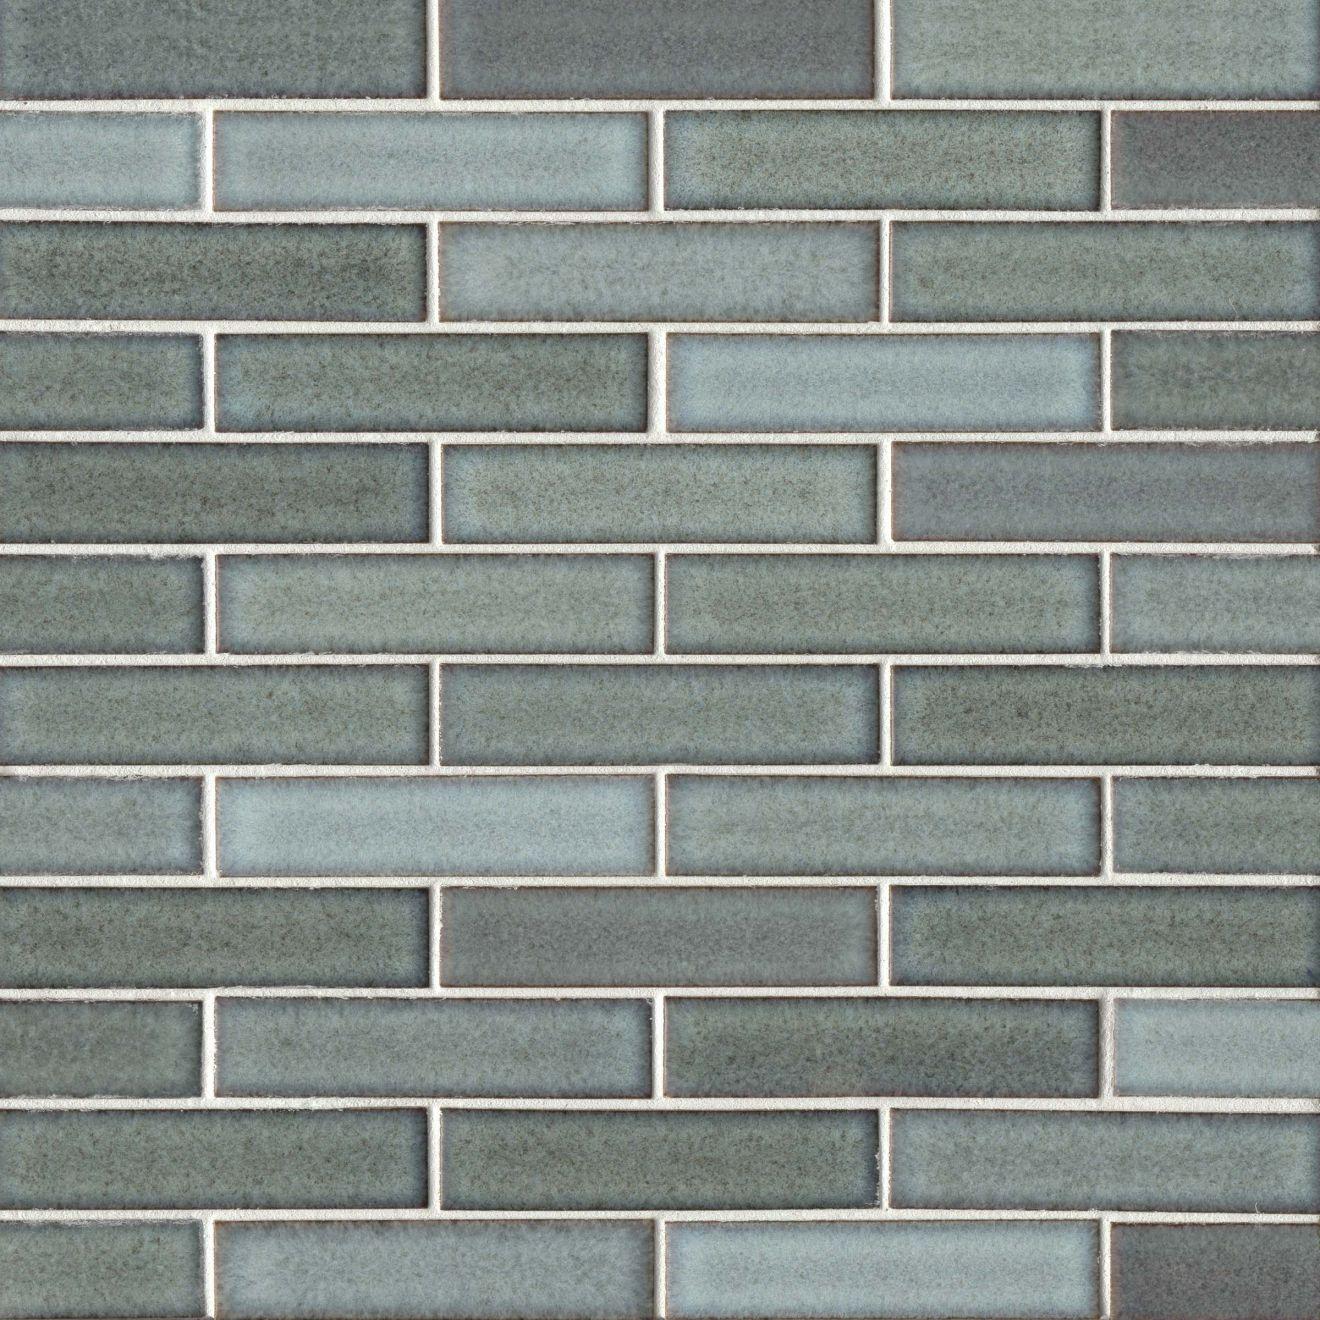 """Seni 1"""" x 4"""" Floor & Wall Mosaic in Teal"""